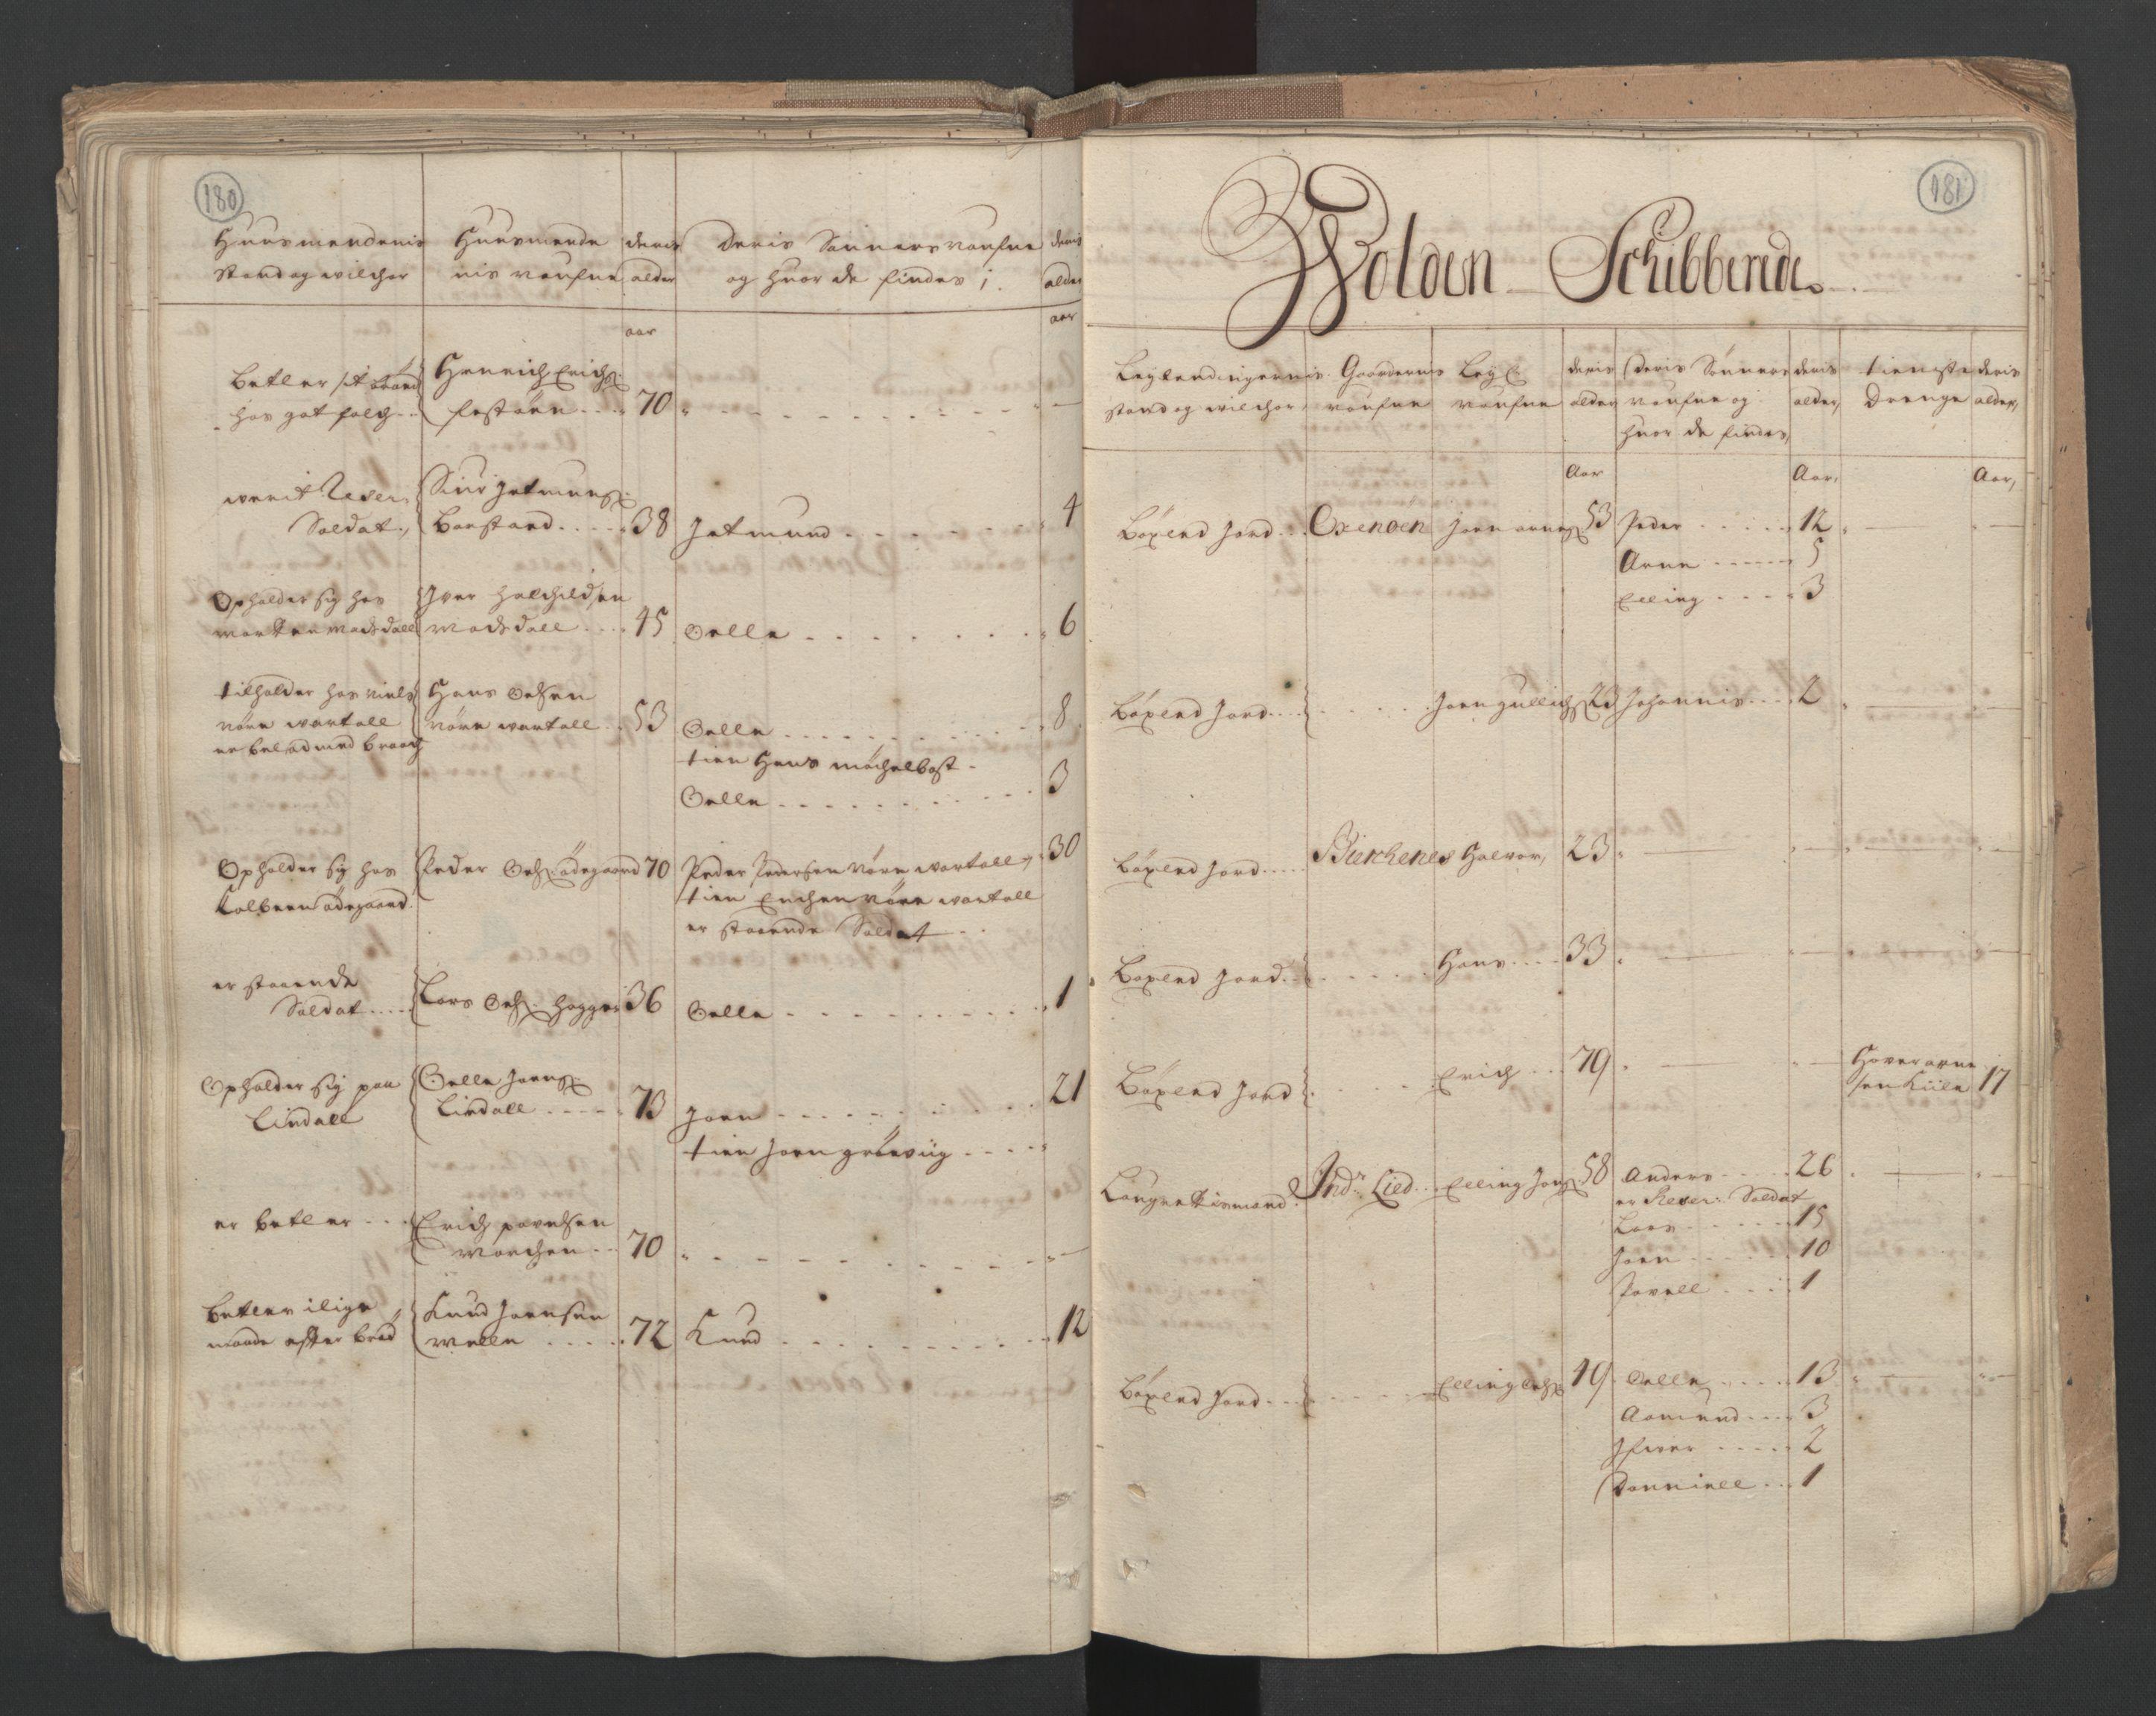 RA, Manntallet 1701, nr. 10: Sunnmøre fogderi, 1701, s. 180-181